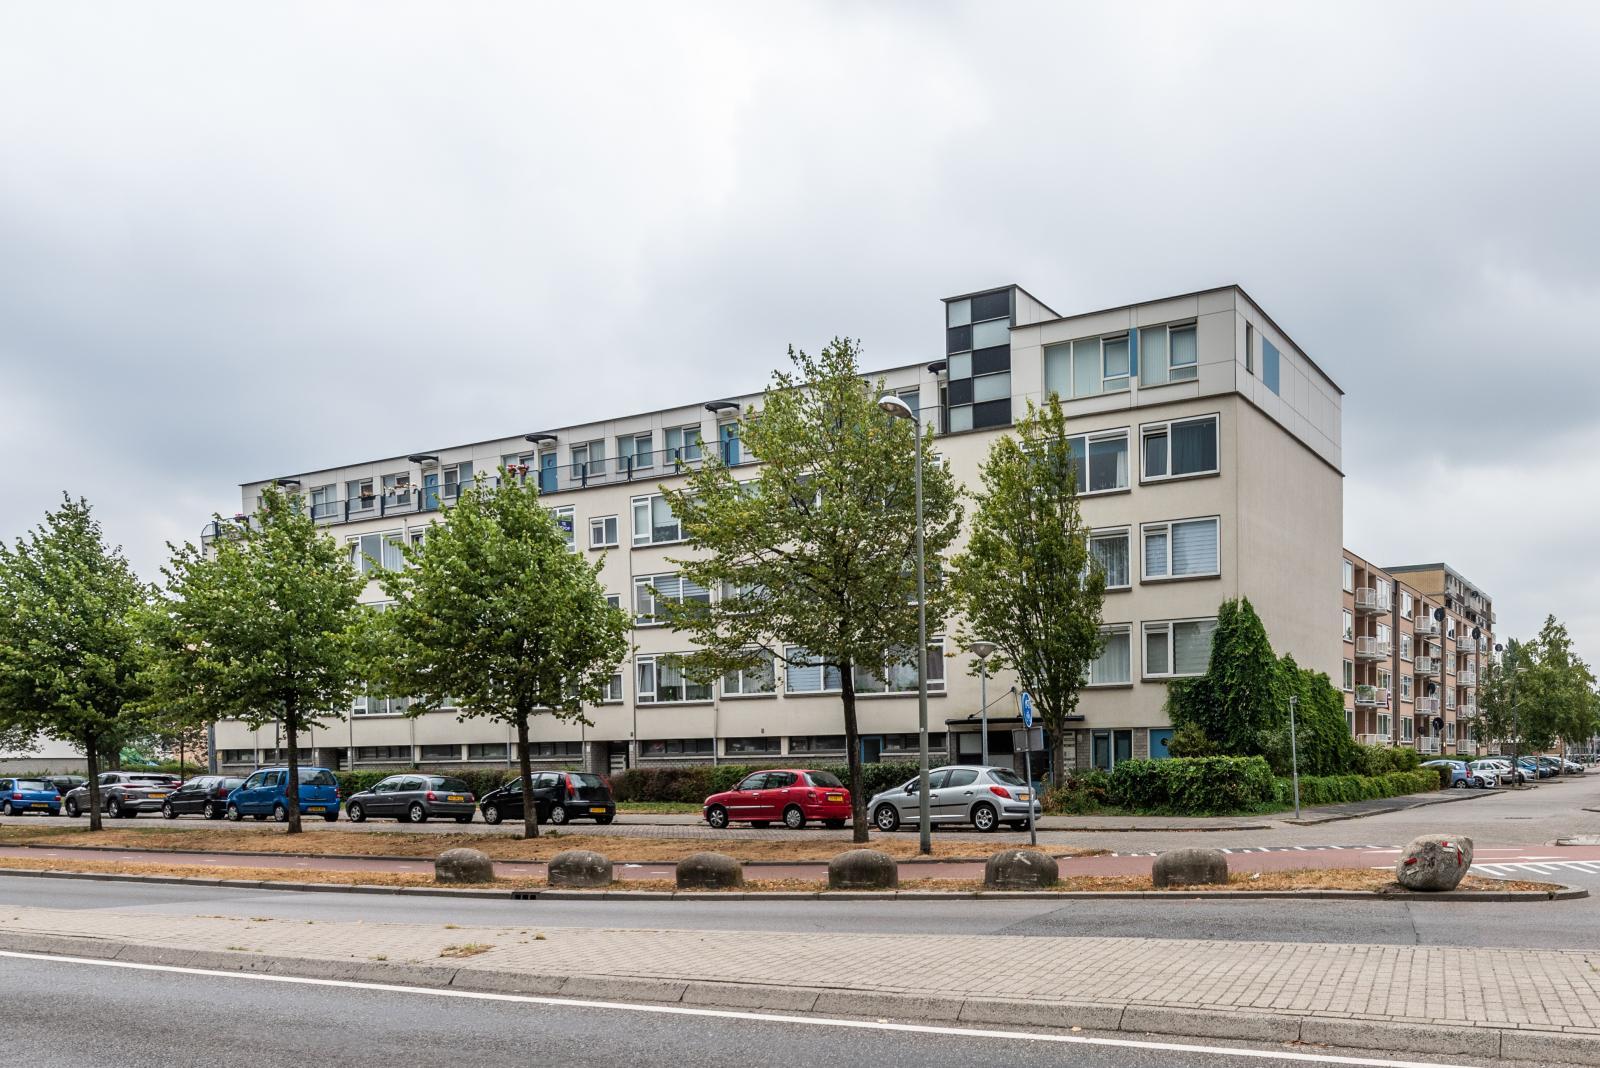 Burgemeester Van Haarenlaan 1009D